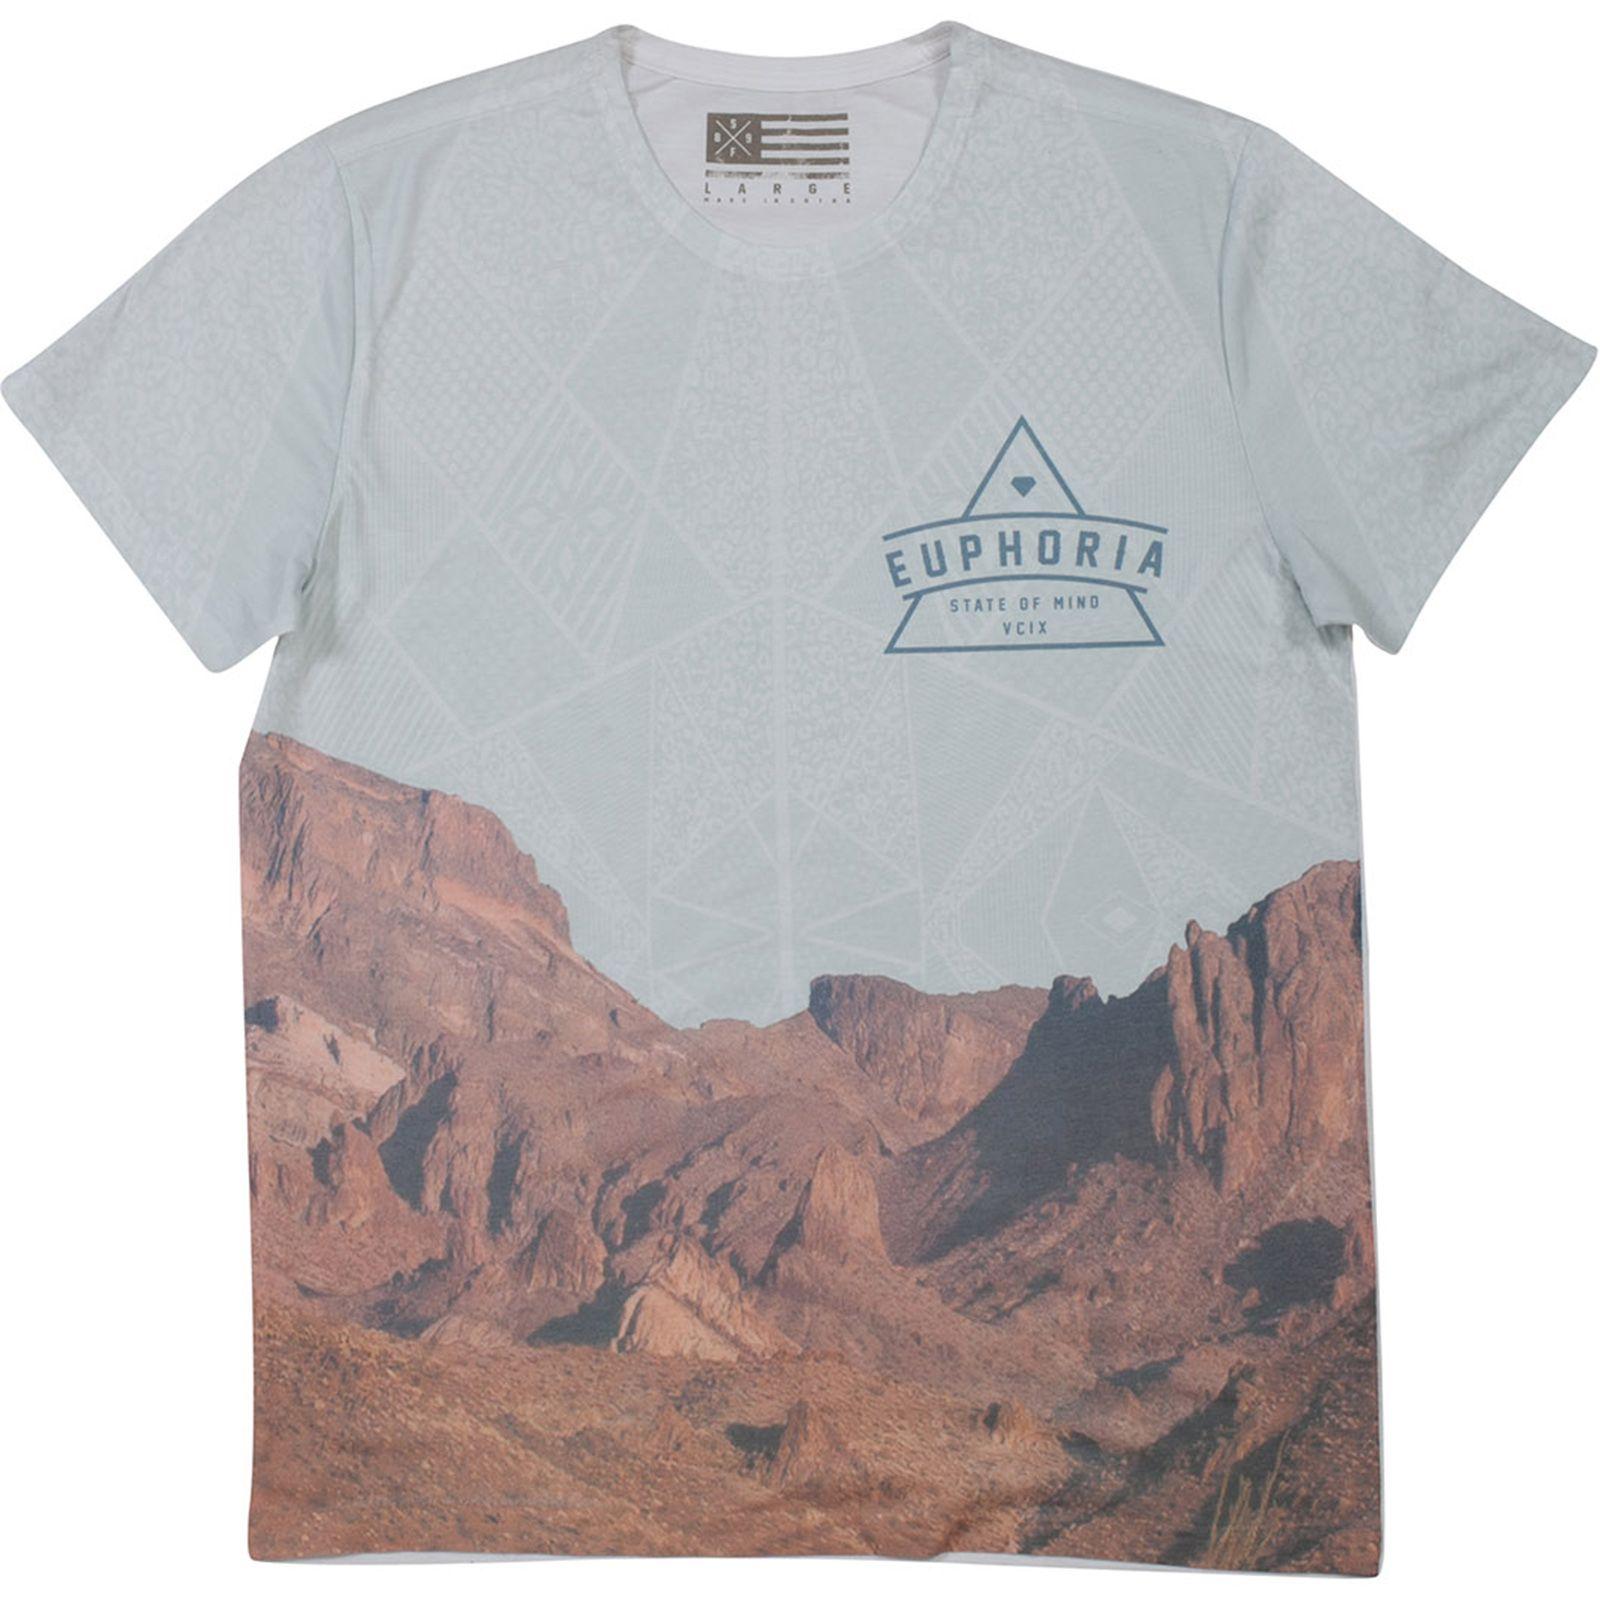 """Австралийская футболка """"Euphoria"""""""